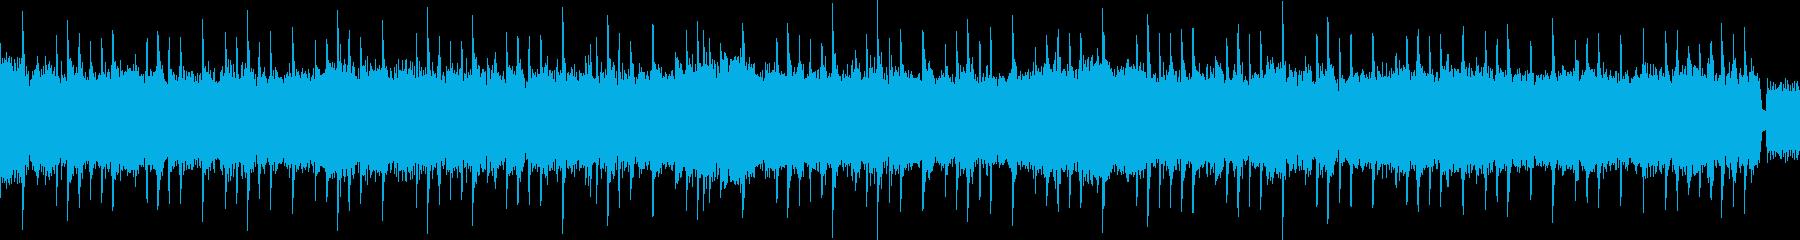 クラシックを思い起こさせる、印象的...の再生済みの波形